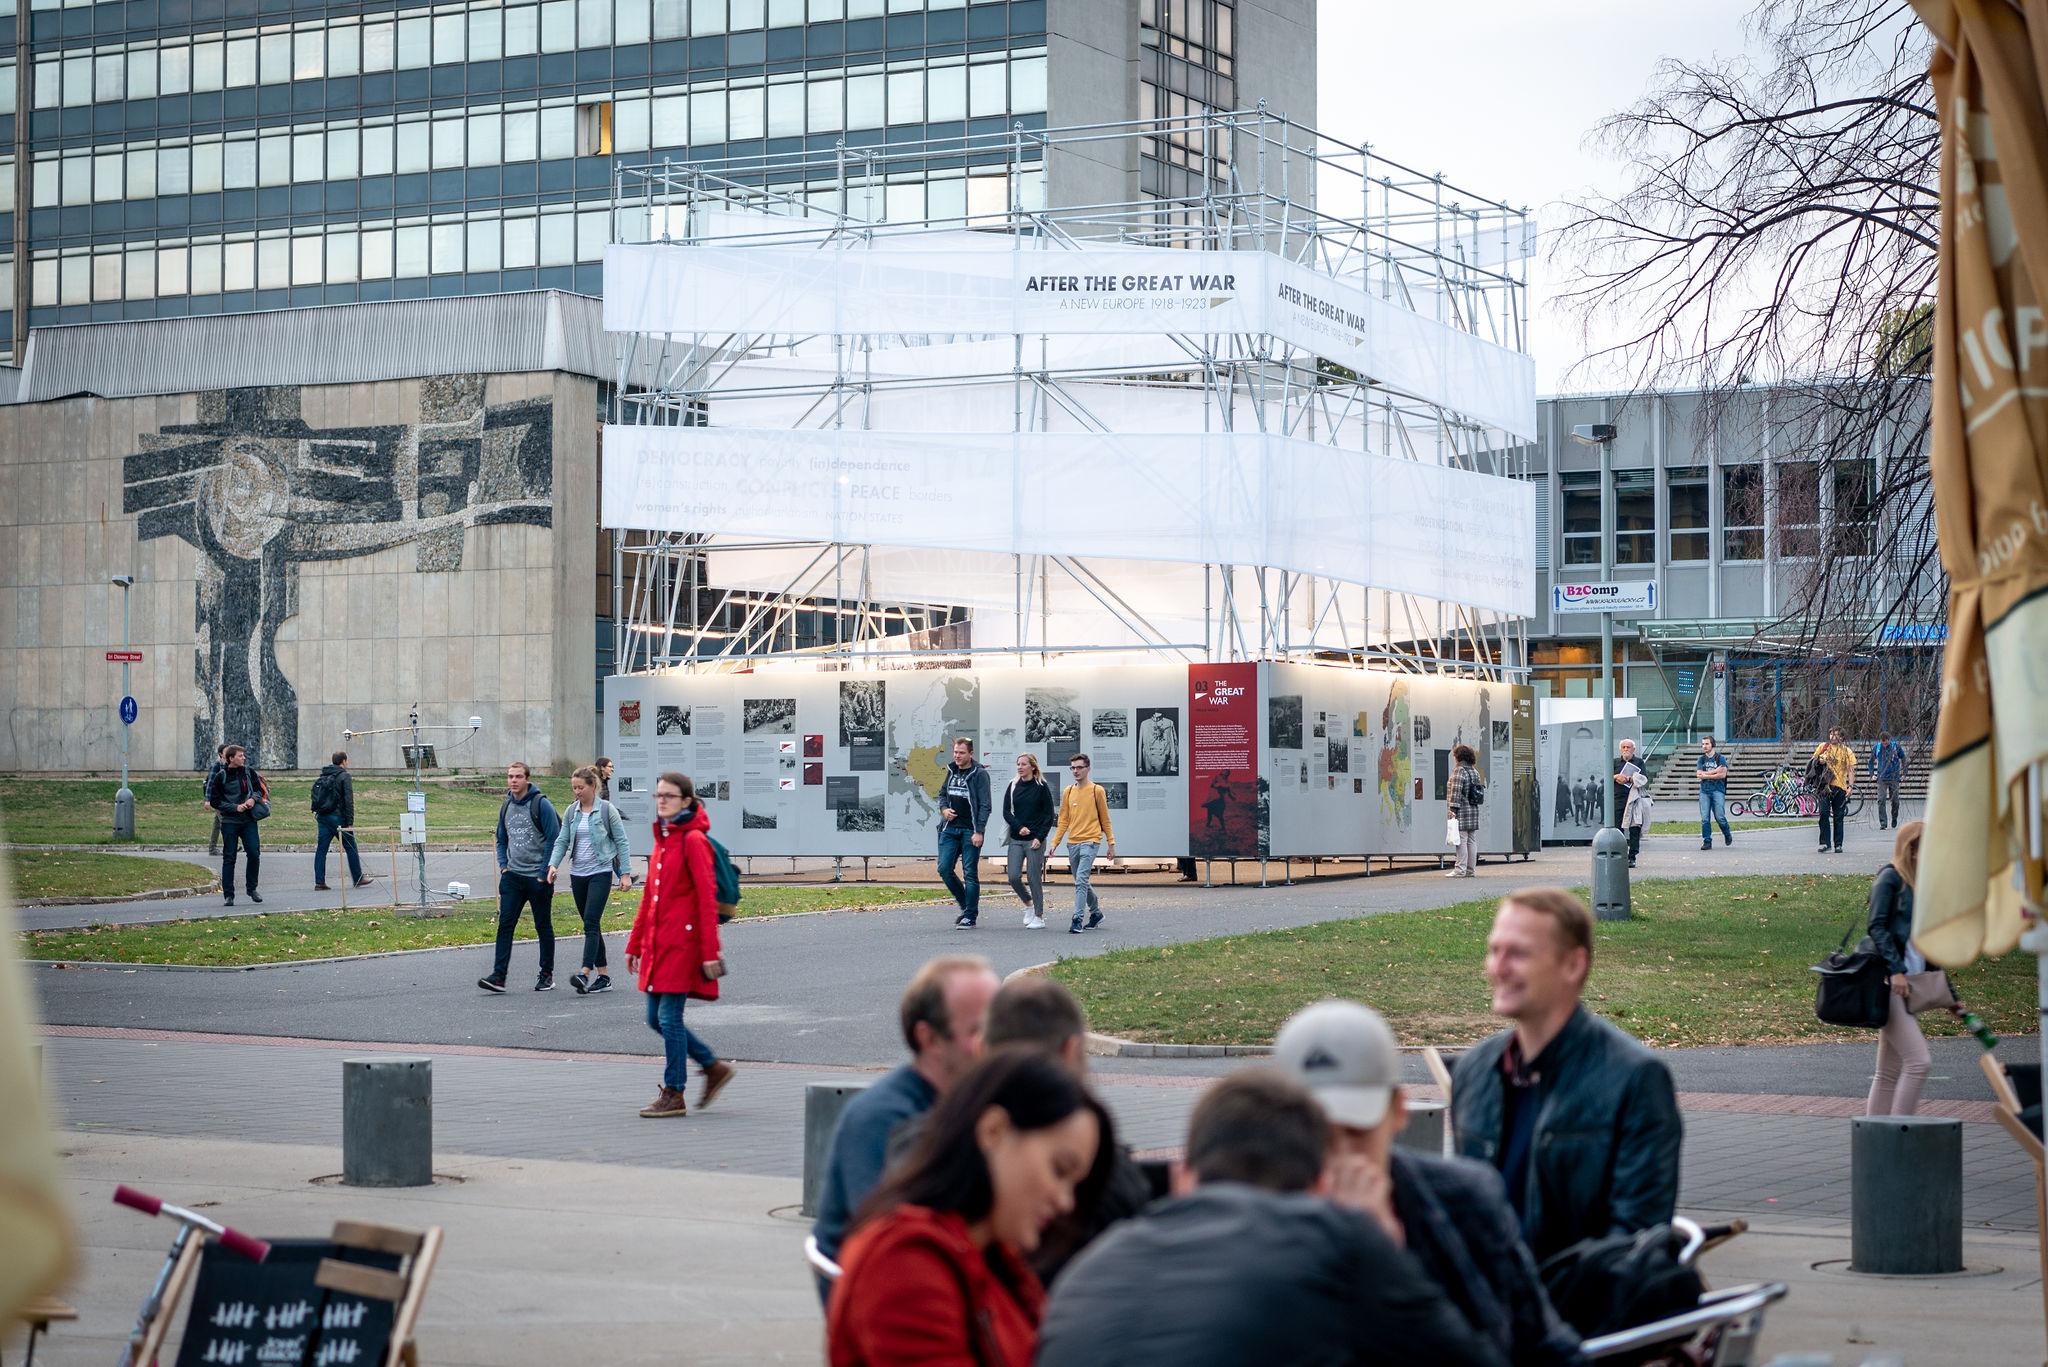 biało-srebrny pawilon z wystawą w kształcie sześcianu w przestrzeni miejskiej